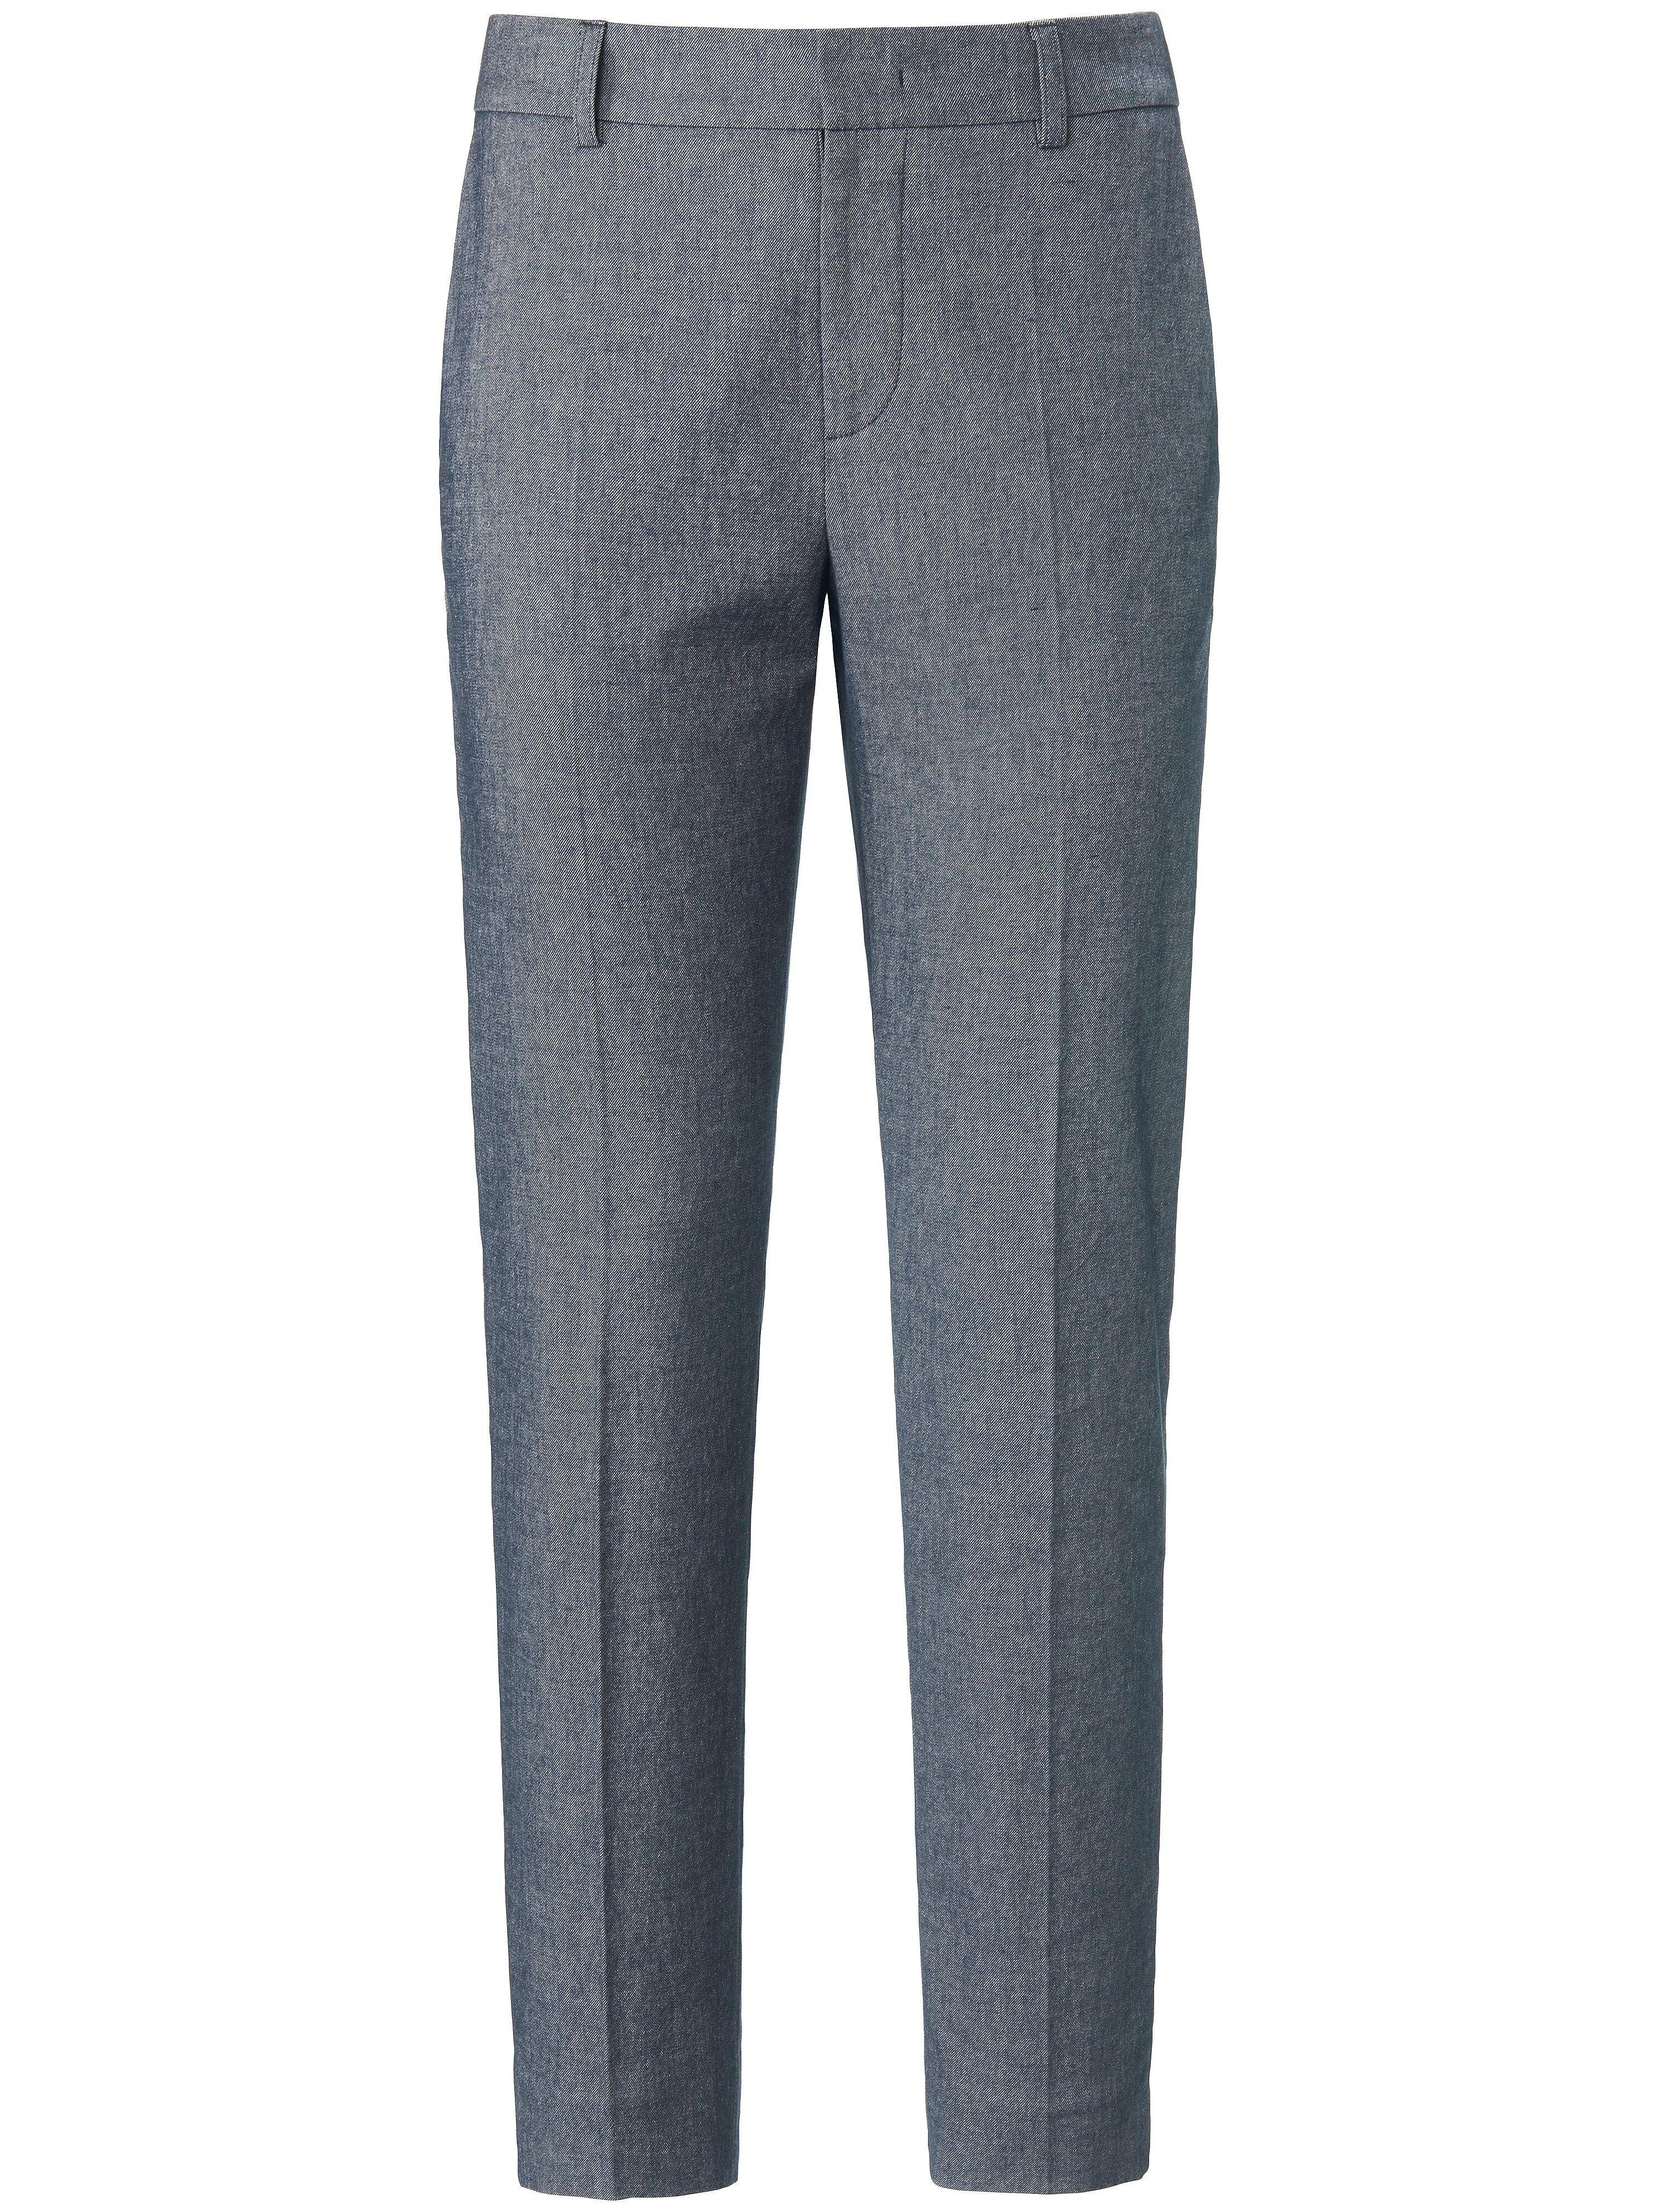 Bogner Le pantalon à plis marqués  Bogner bleu  - Femme - 40